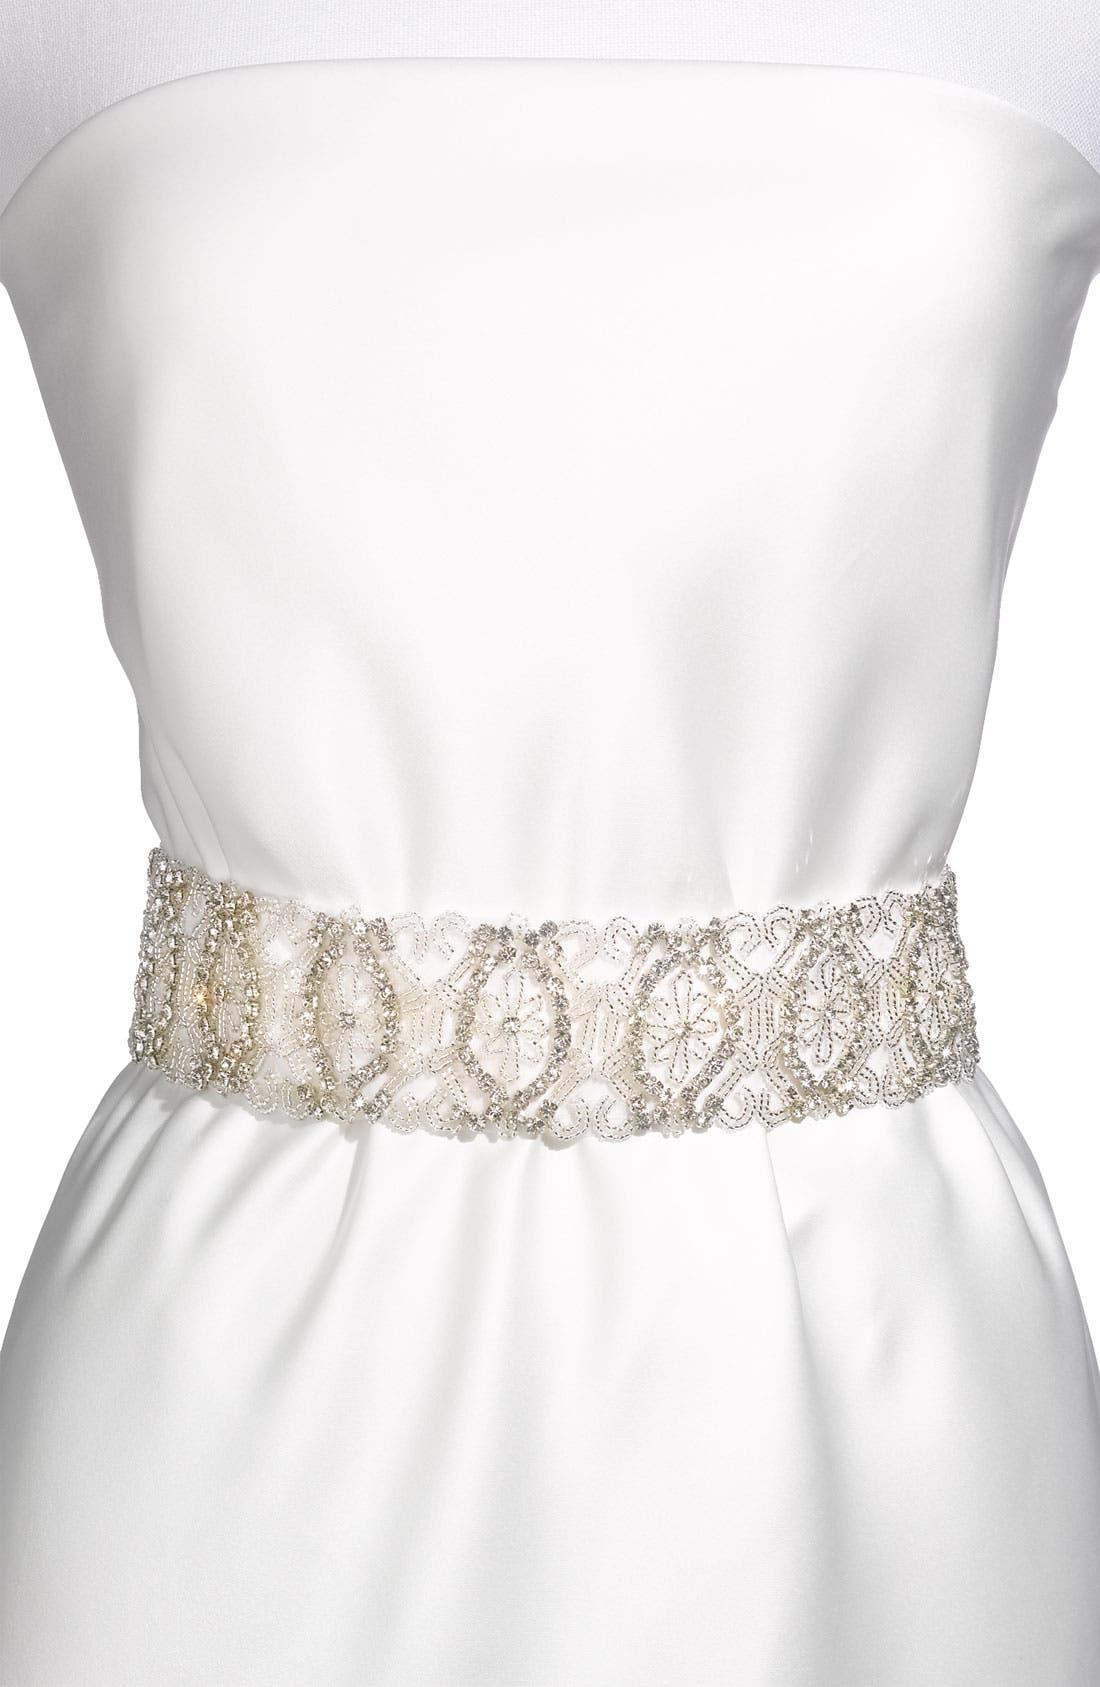 Alternate Image 1 Selected - Cara Beaded Bridal Belt